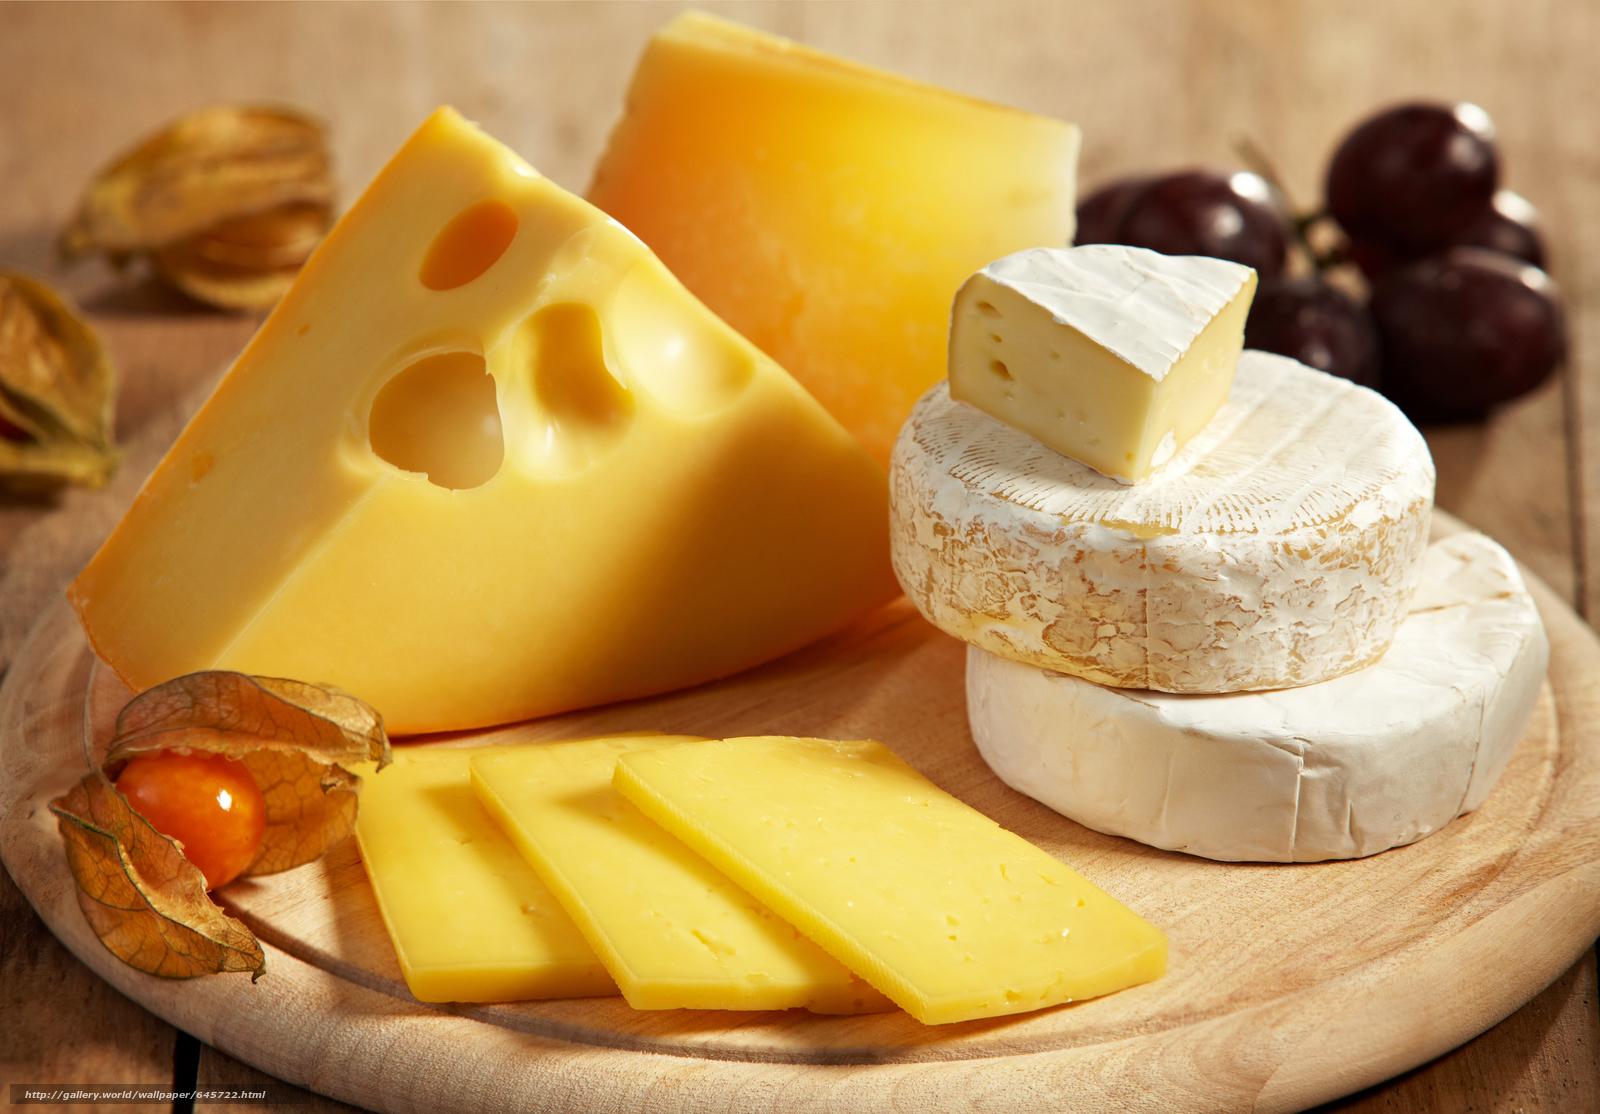 Скачать обои сыр,  еда,  пища,  провиант бесплатно для рабочего стола в разрешении 7738x5390 — картинка №645722